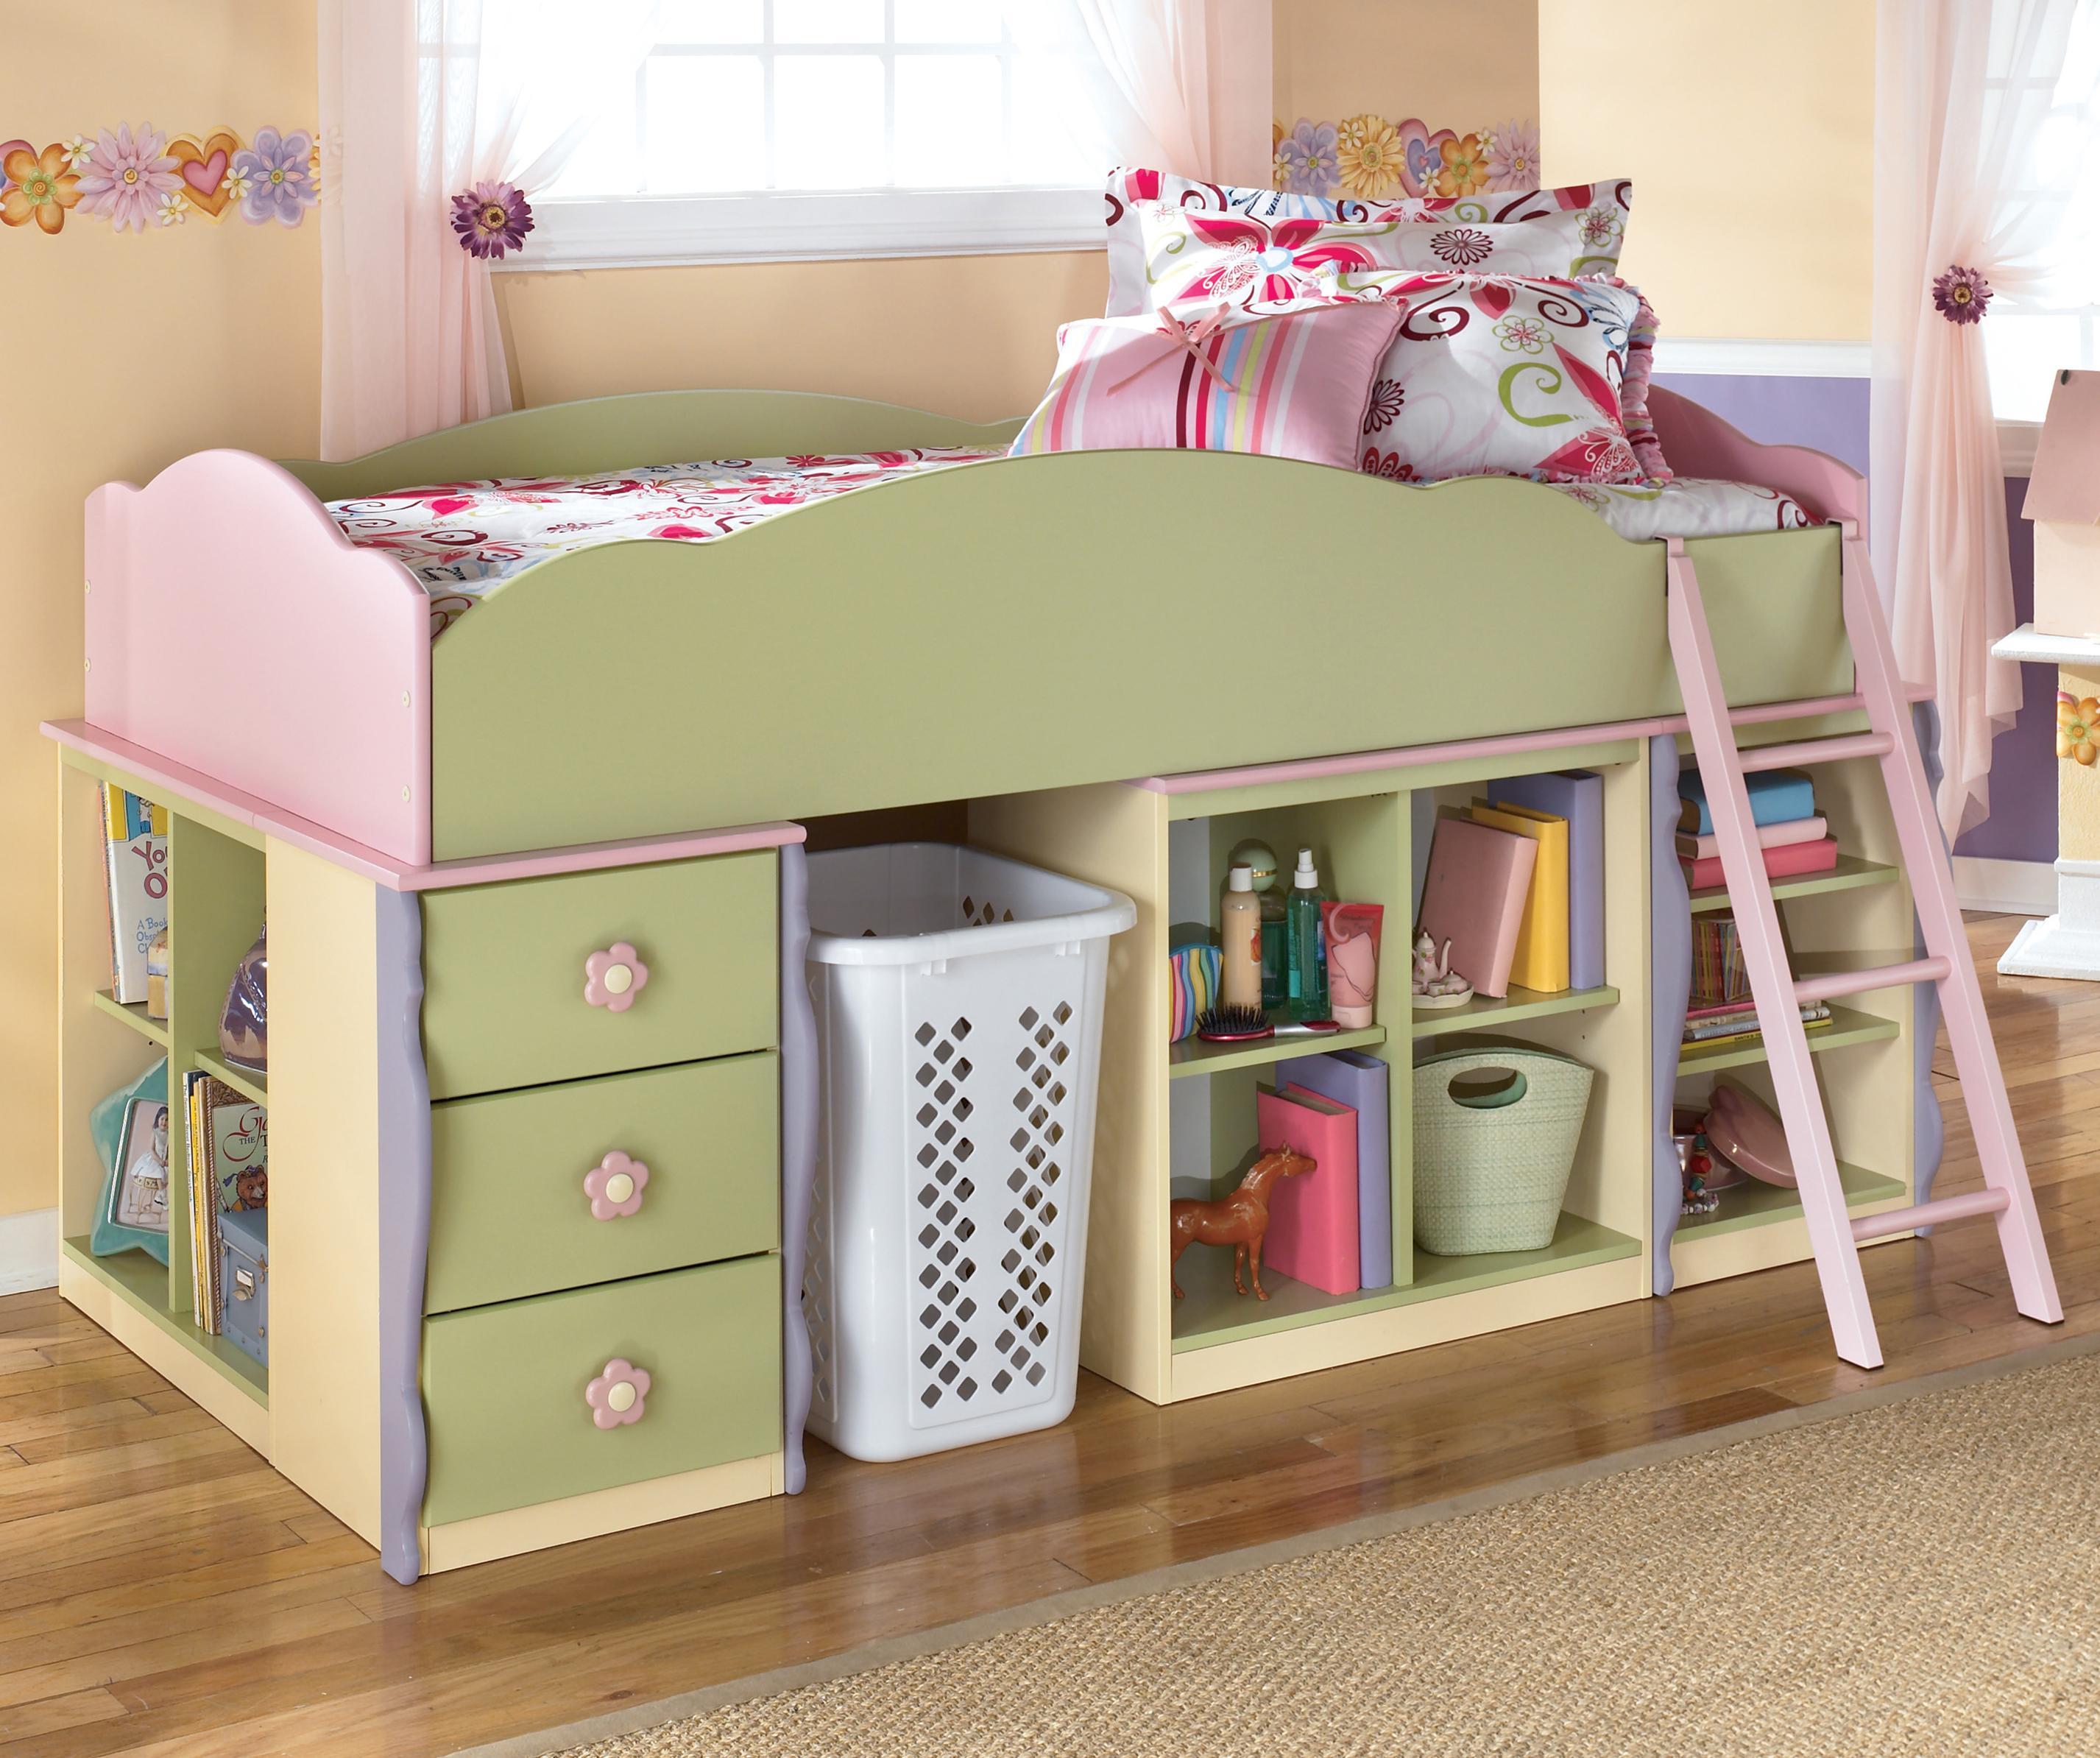 Boys Locker Room Bedroom Furniture - Moncler-Factory-Outlets.com